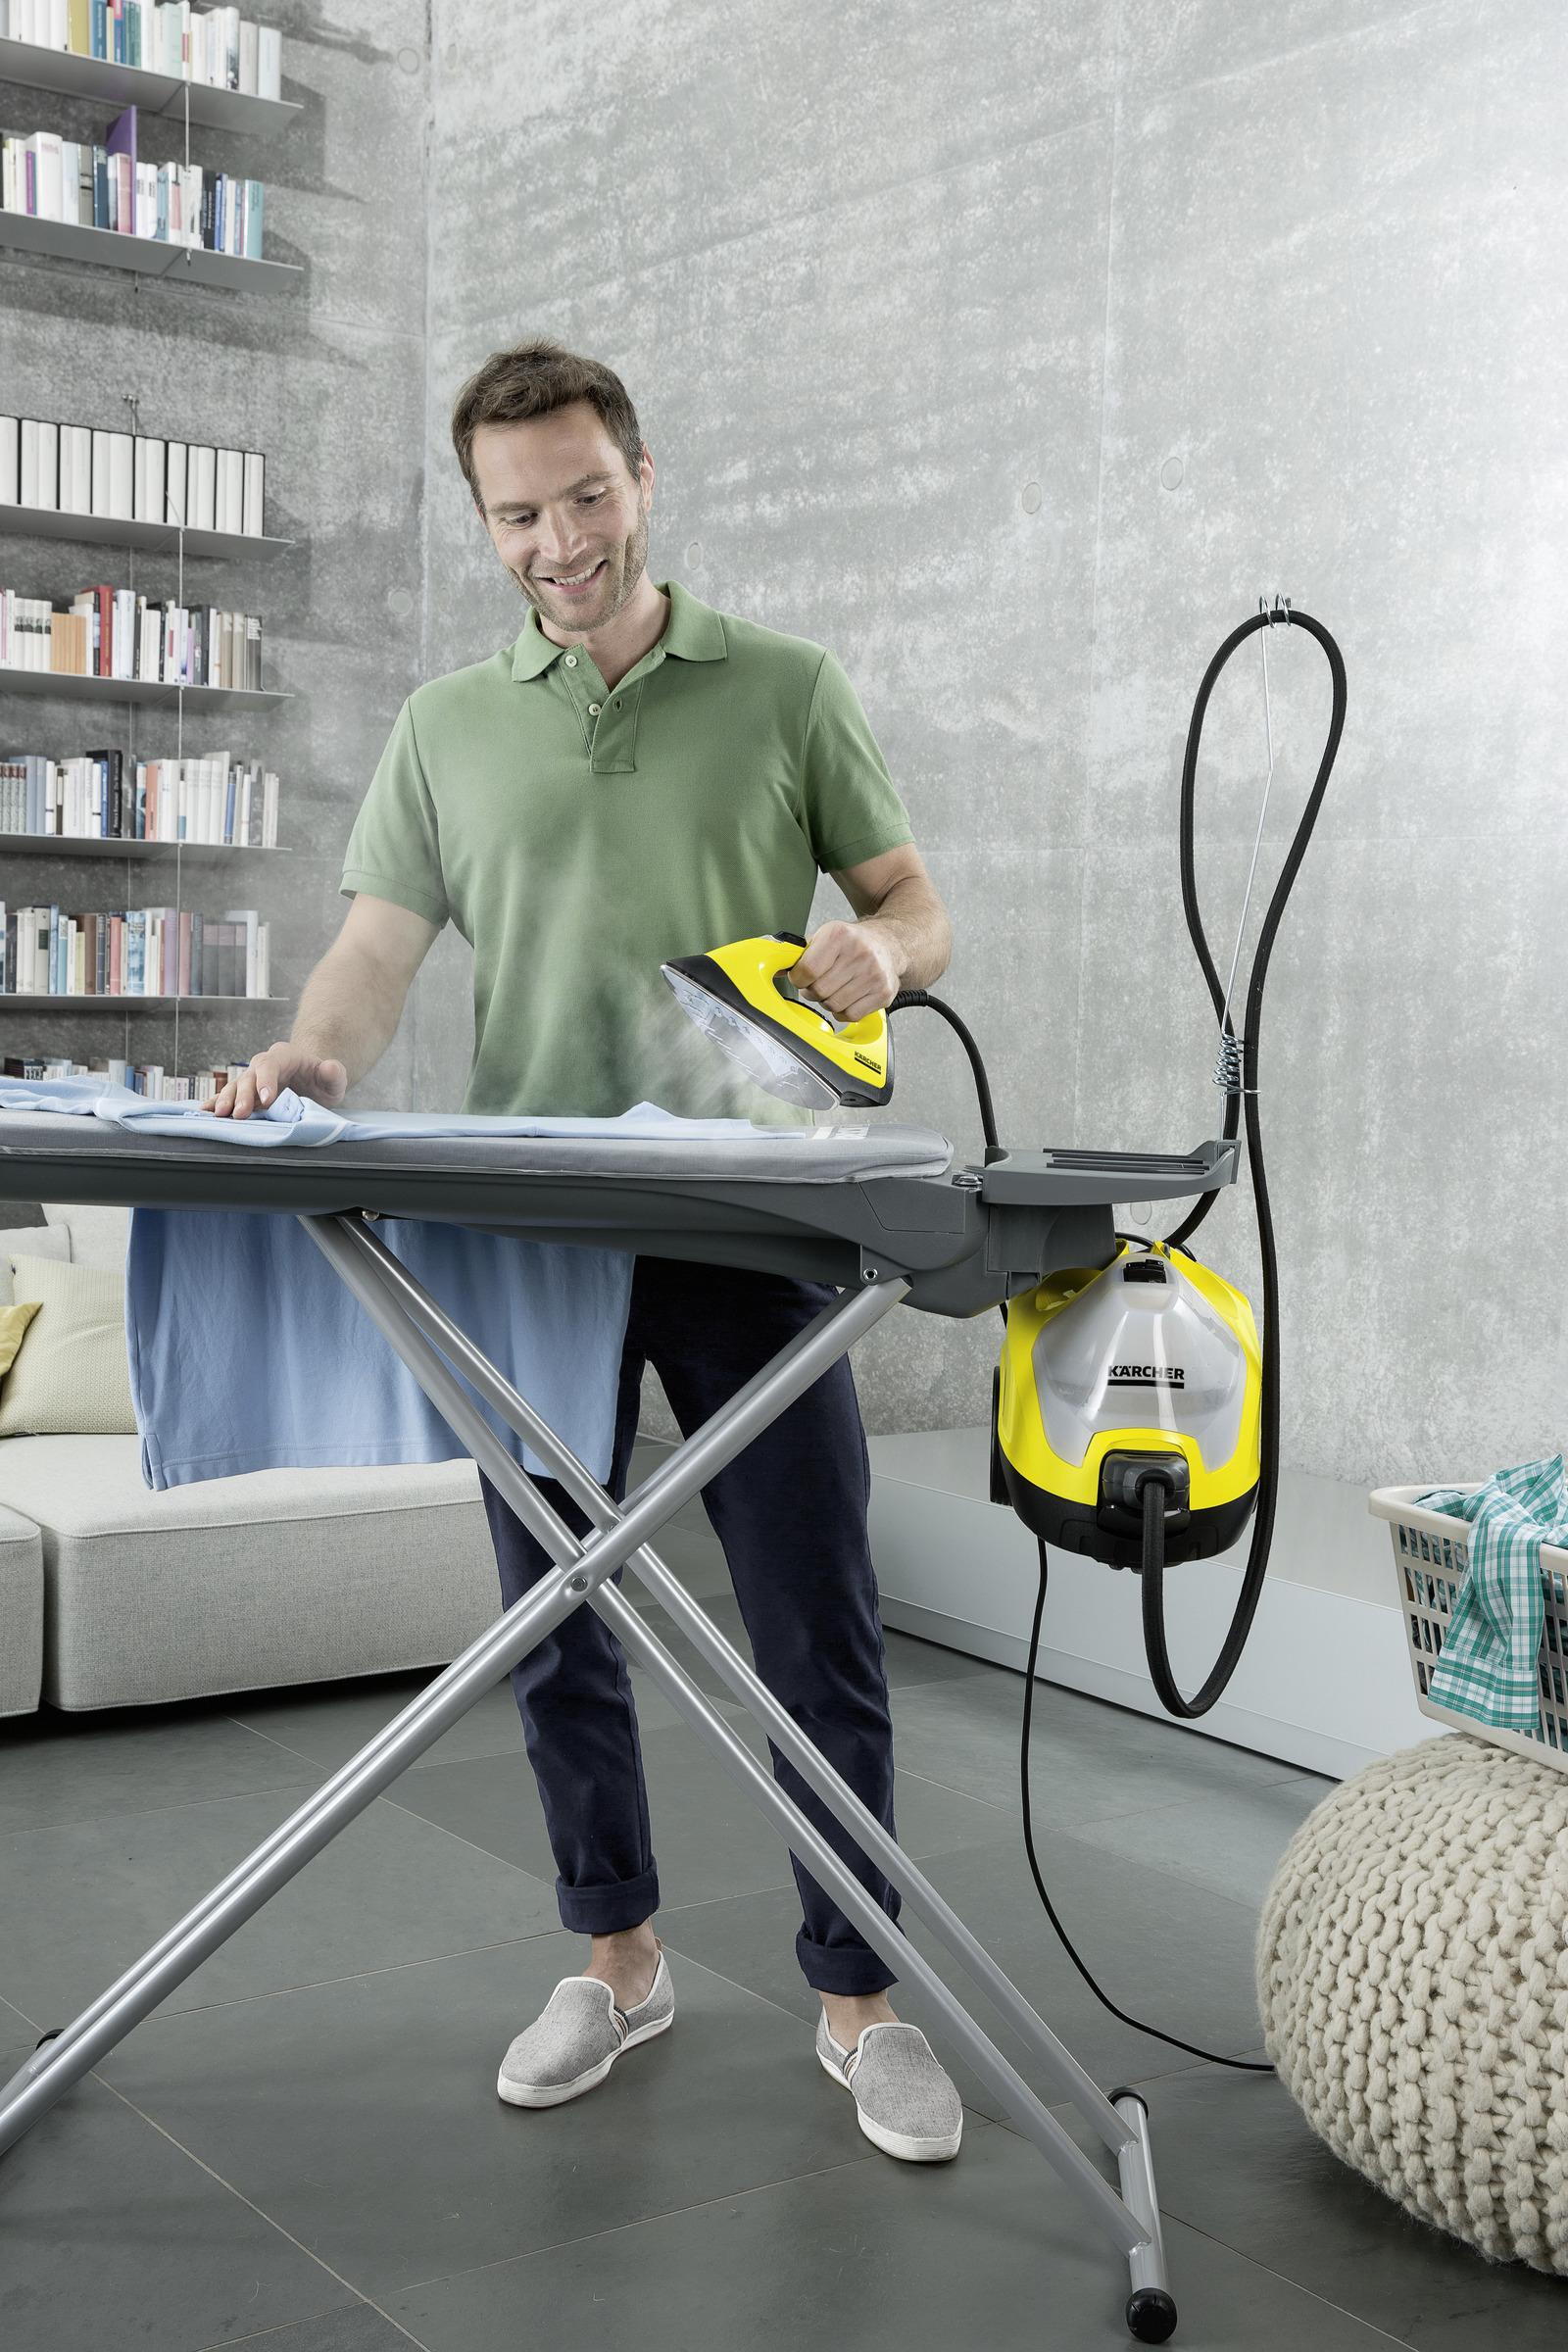 dampfreiniger sc 4 easyfix iron k rcher. Black Bedroom Furniture Sets. Home Design Ideas